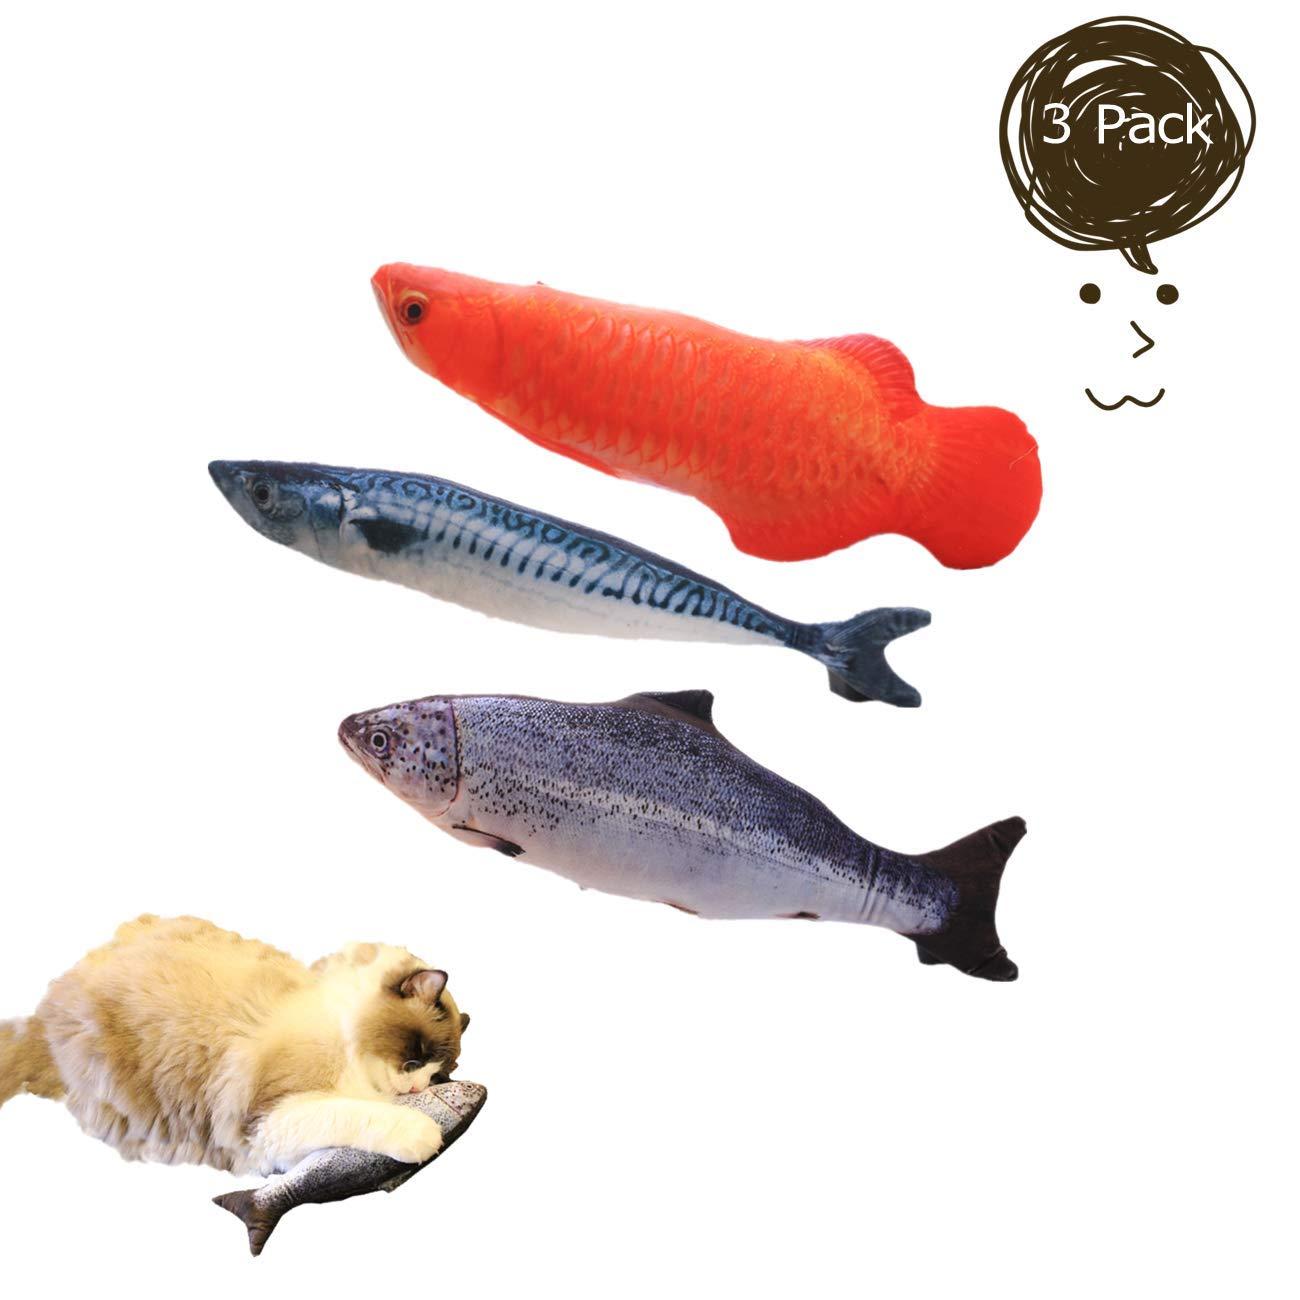 PePePet Artificial pez de Juguete con Catnip para Gatos coj/ín de Gato de 30 cm con cremallera-20cm-3P-A Juguete de Limpieza de Dientes de Gato de 20 cm